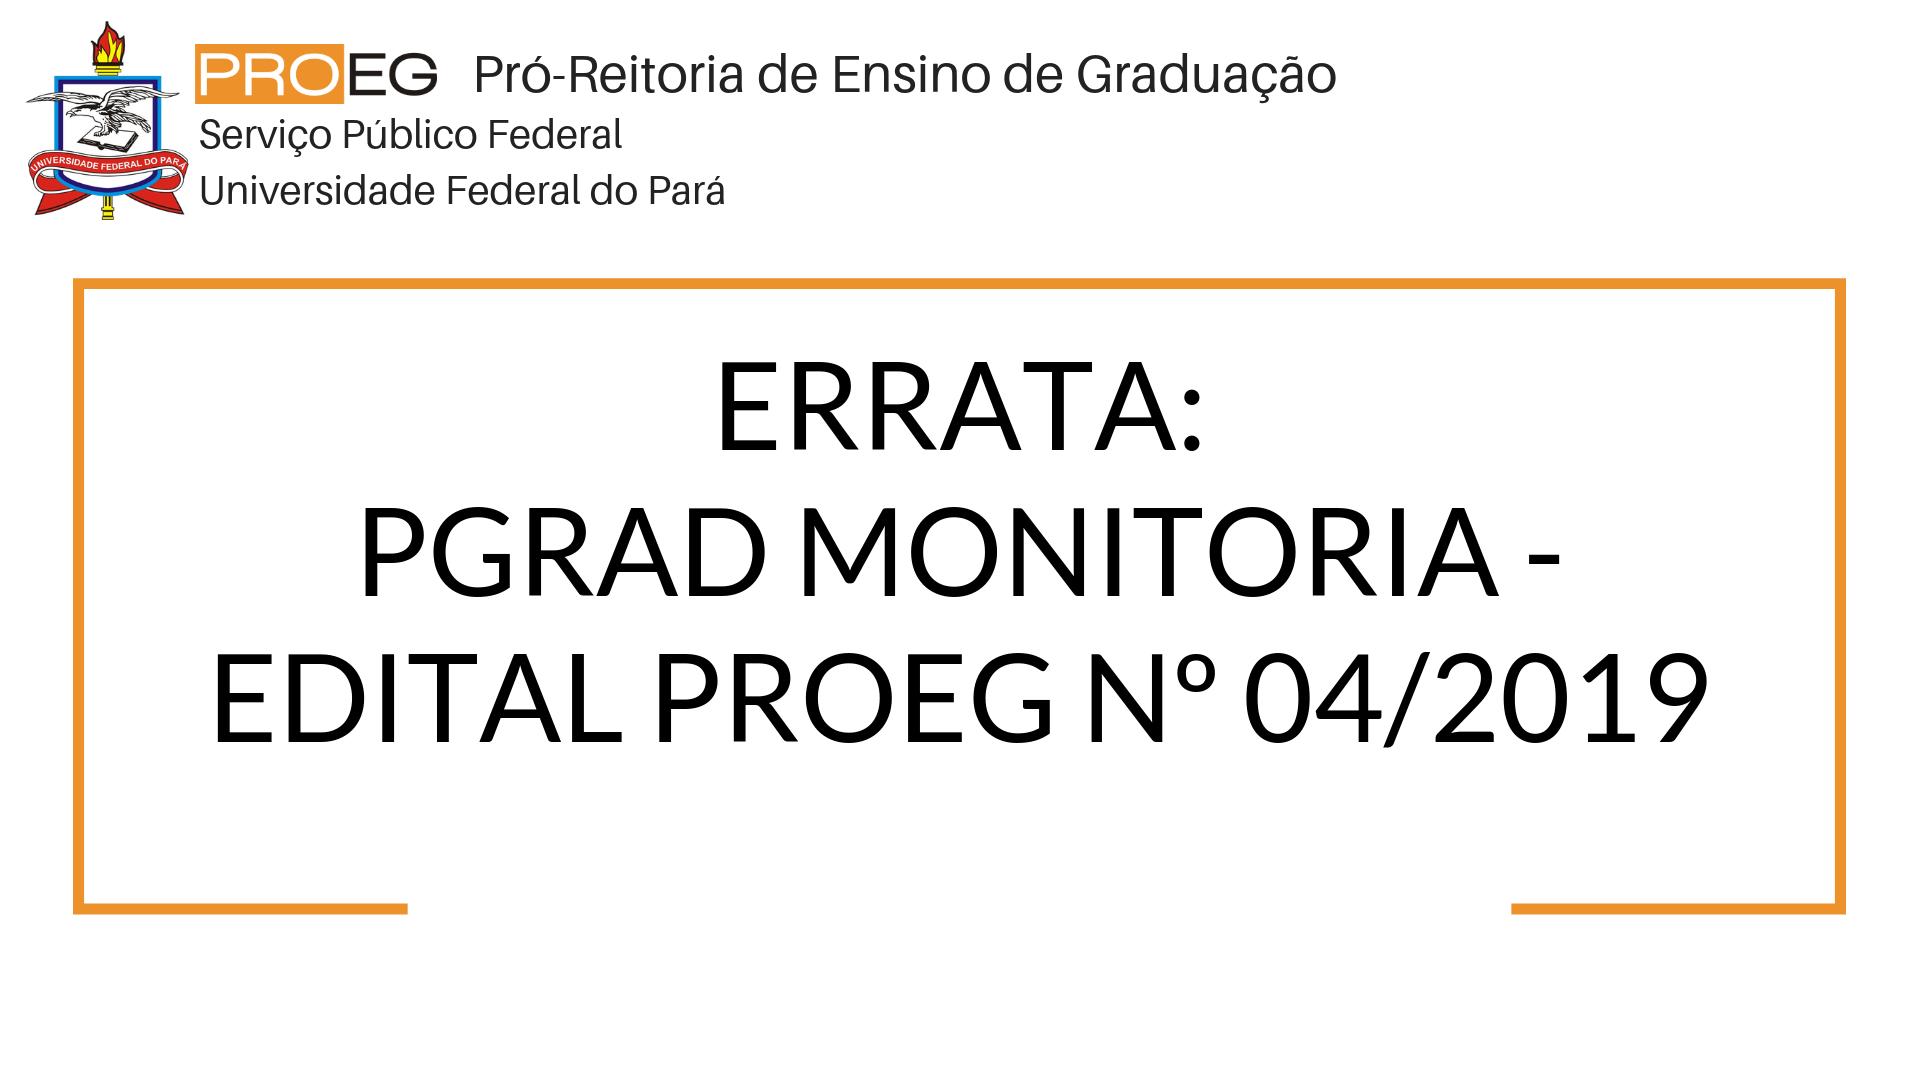 ERRATA: PGRAD MONITORIA - EDITAL PROEG Nº 04/2019